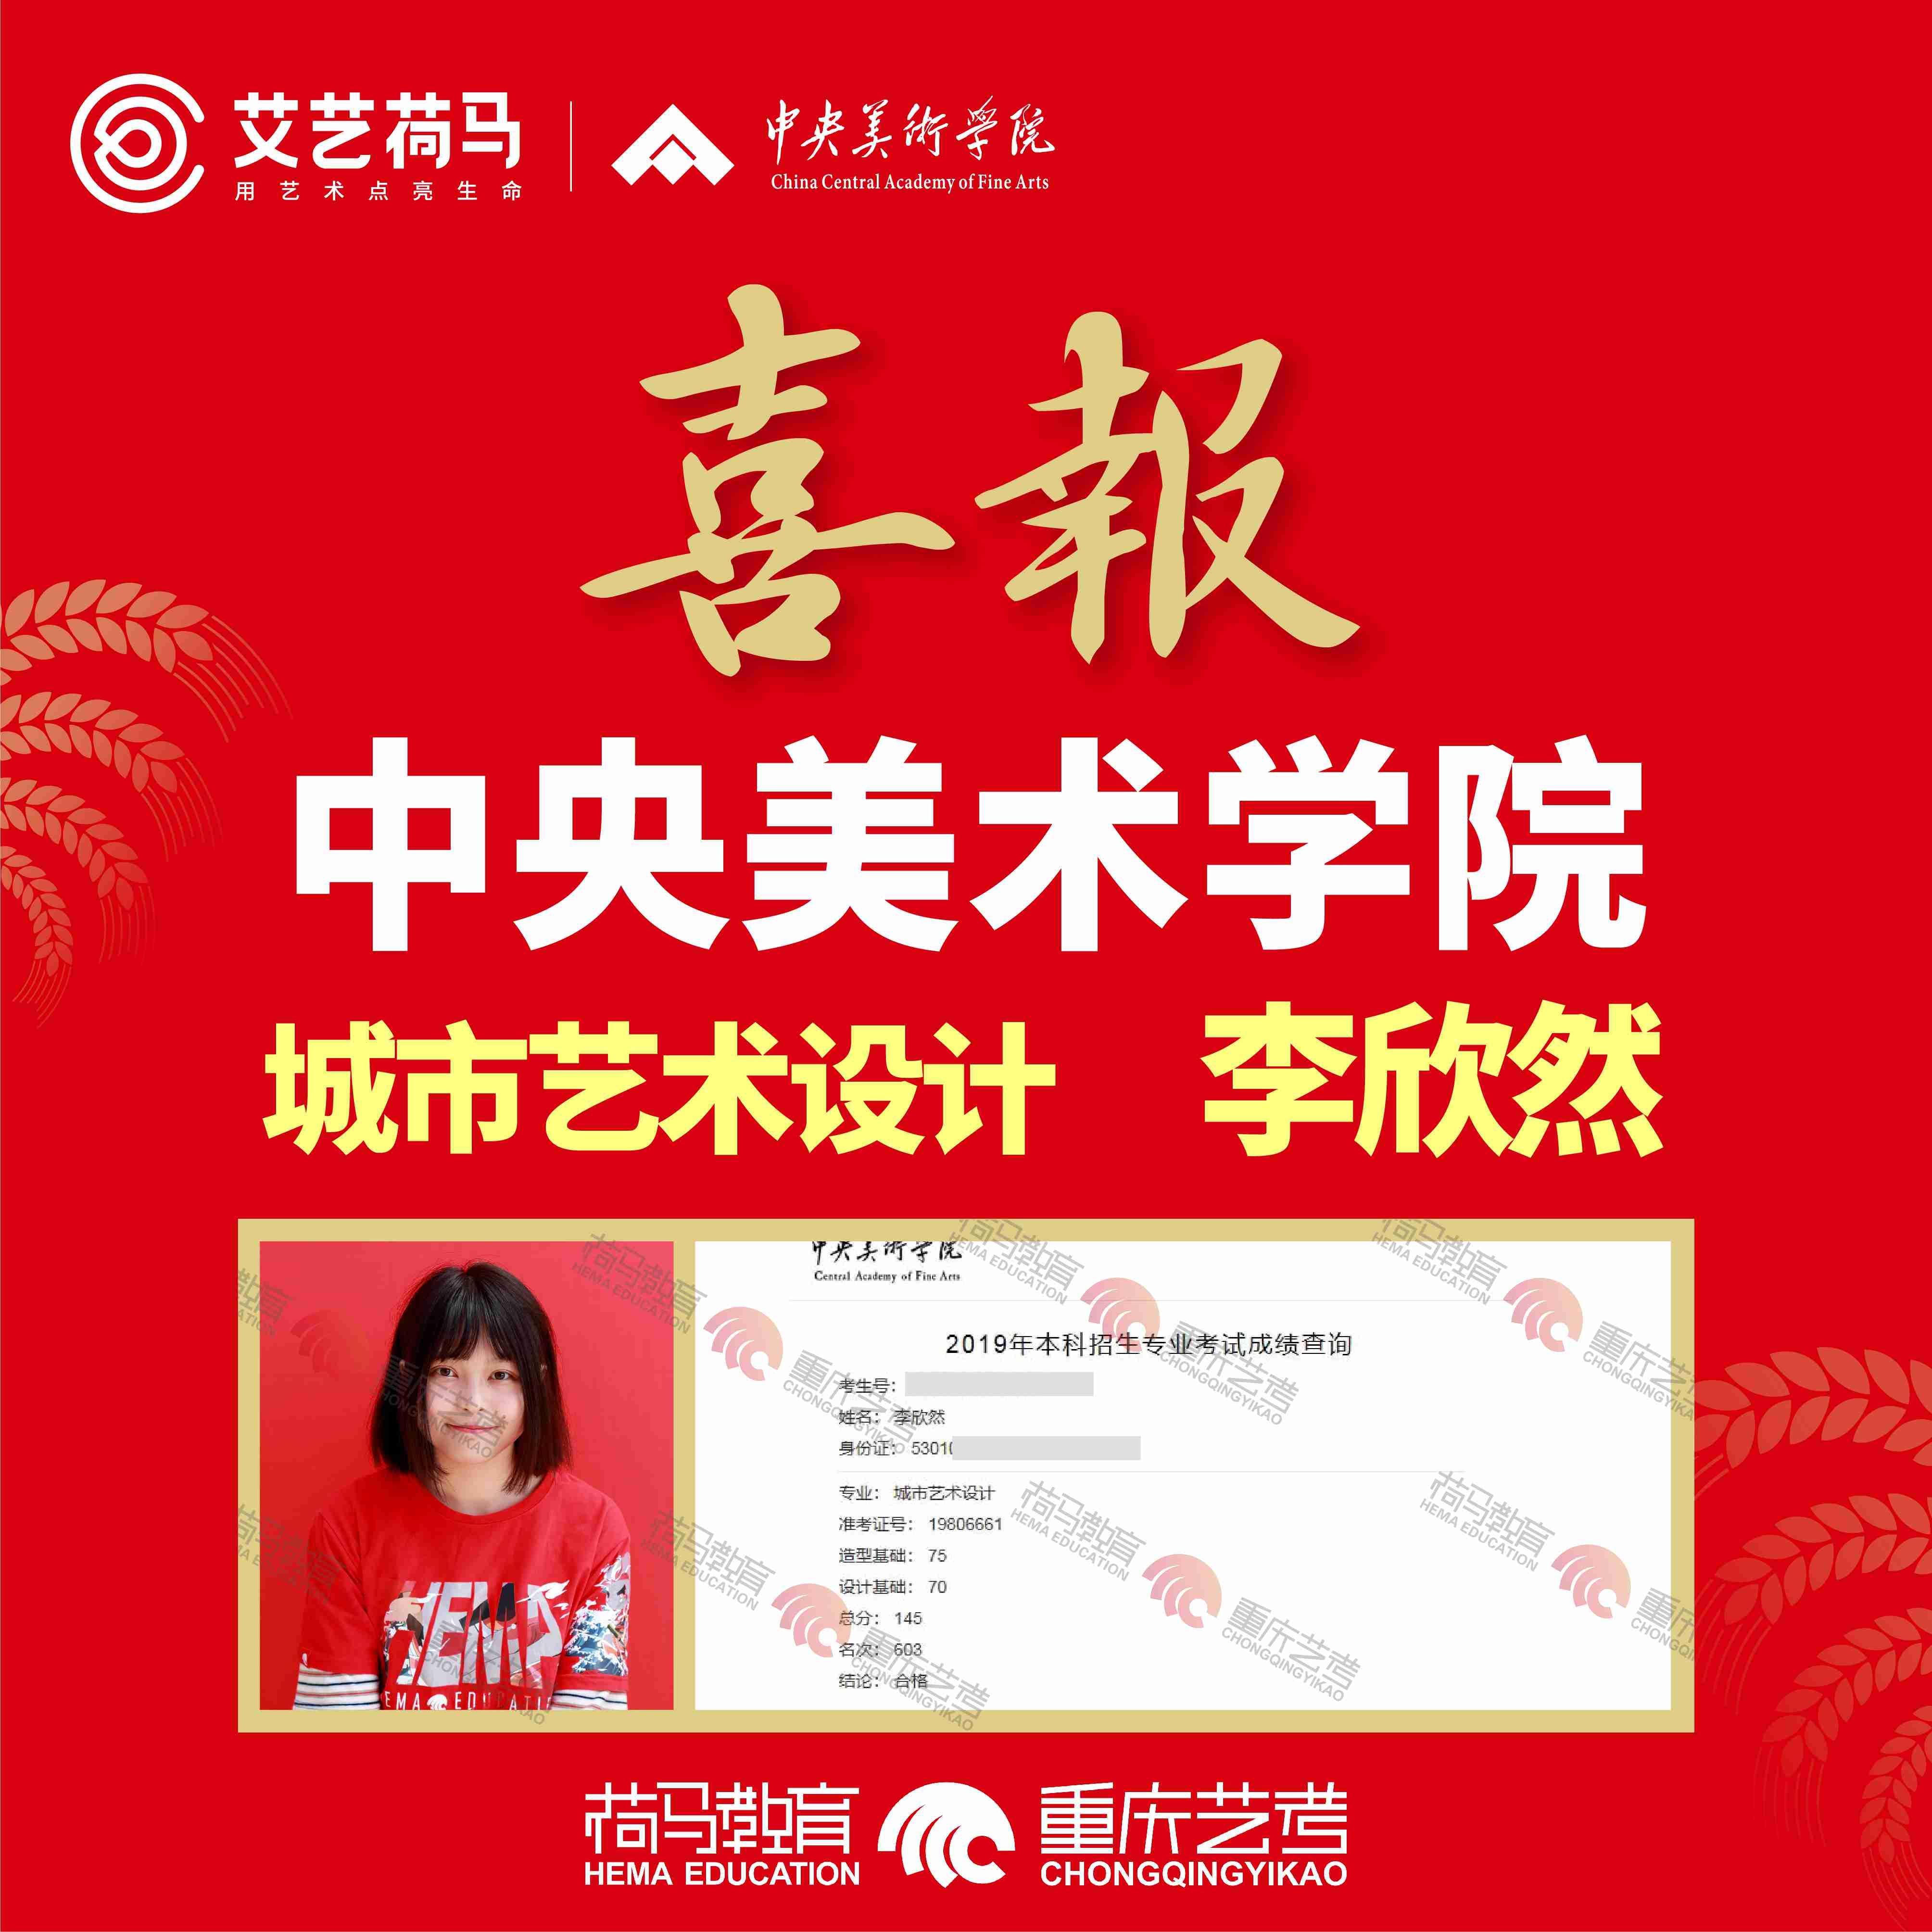 2019荷马教育重庆校区央美合格证喜报